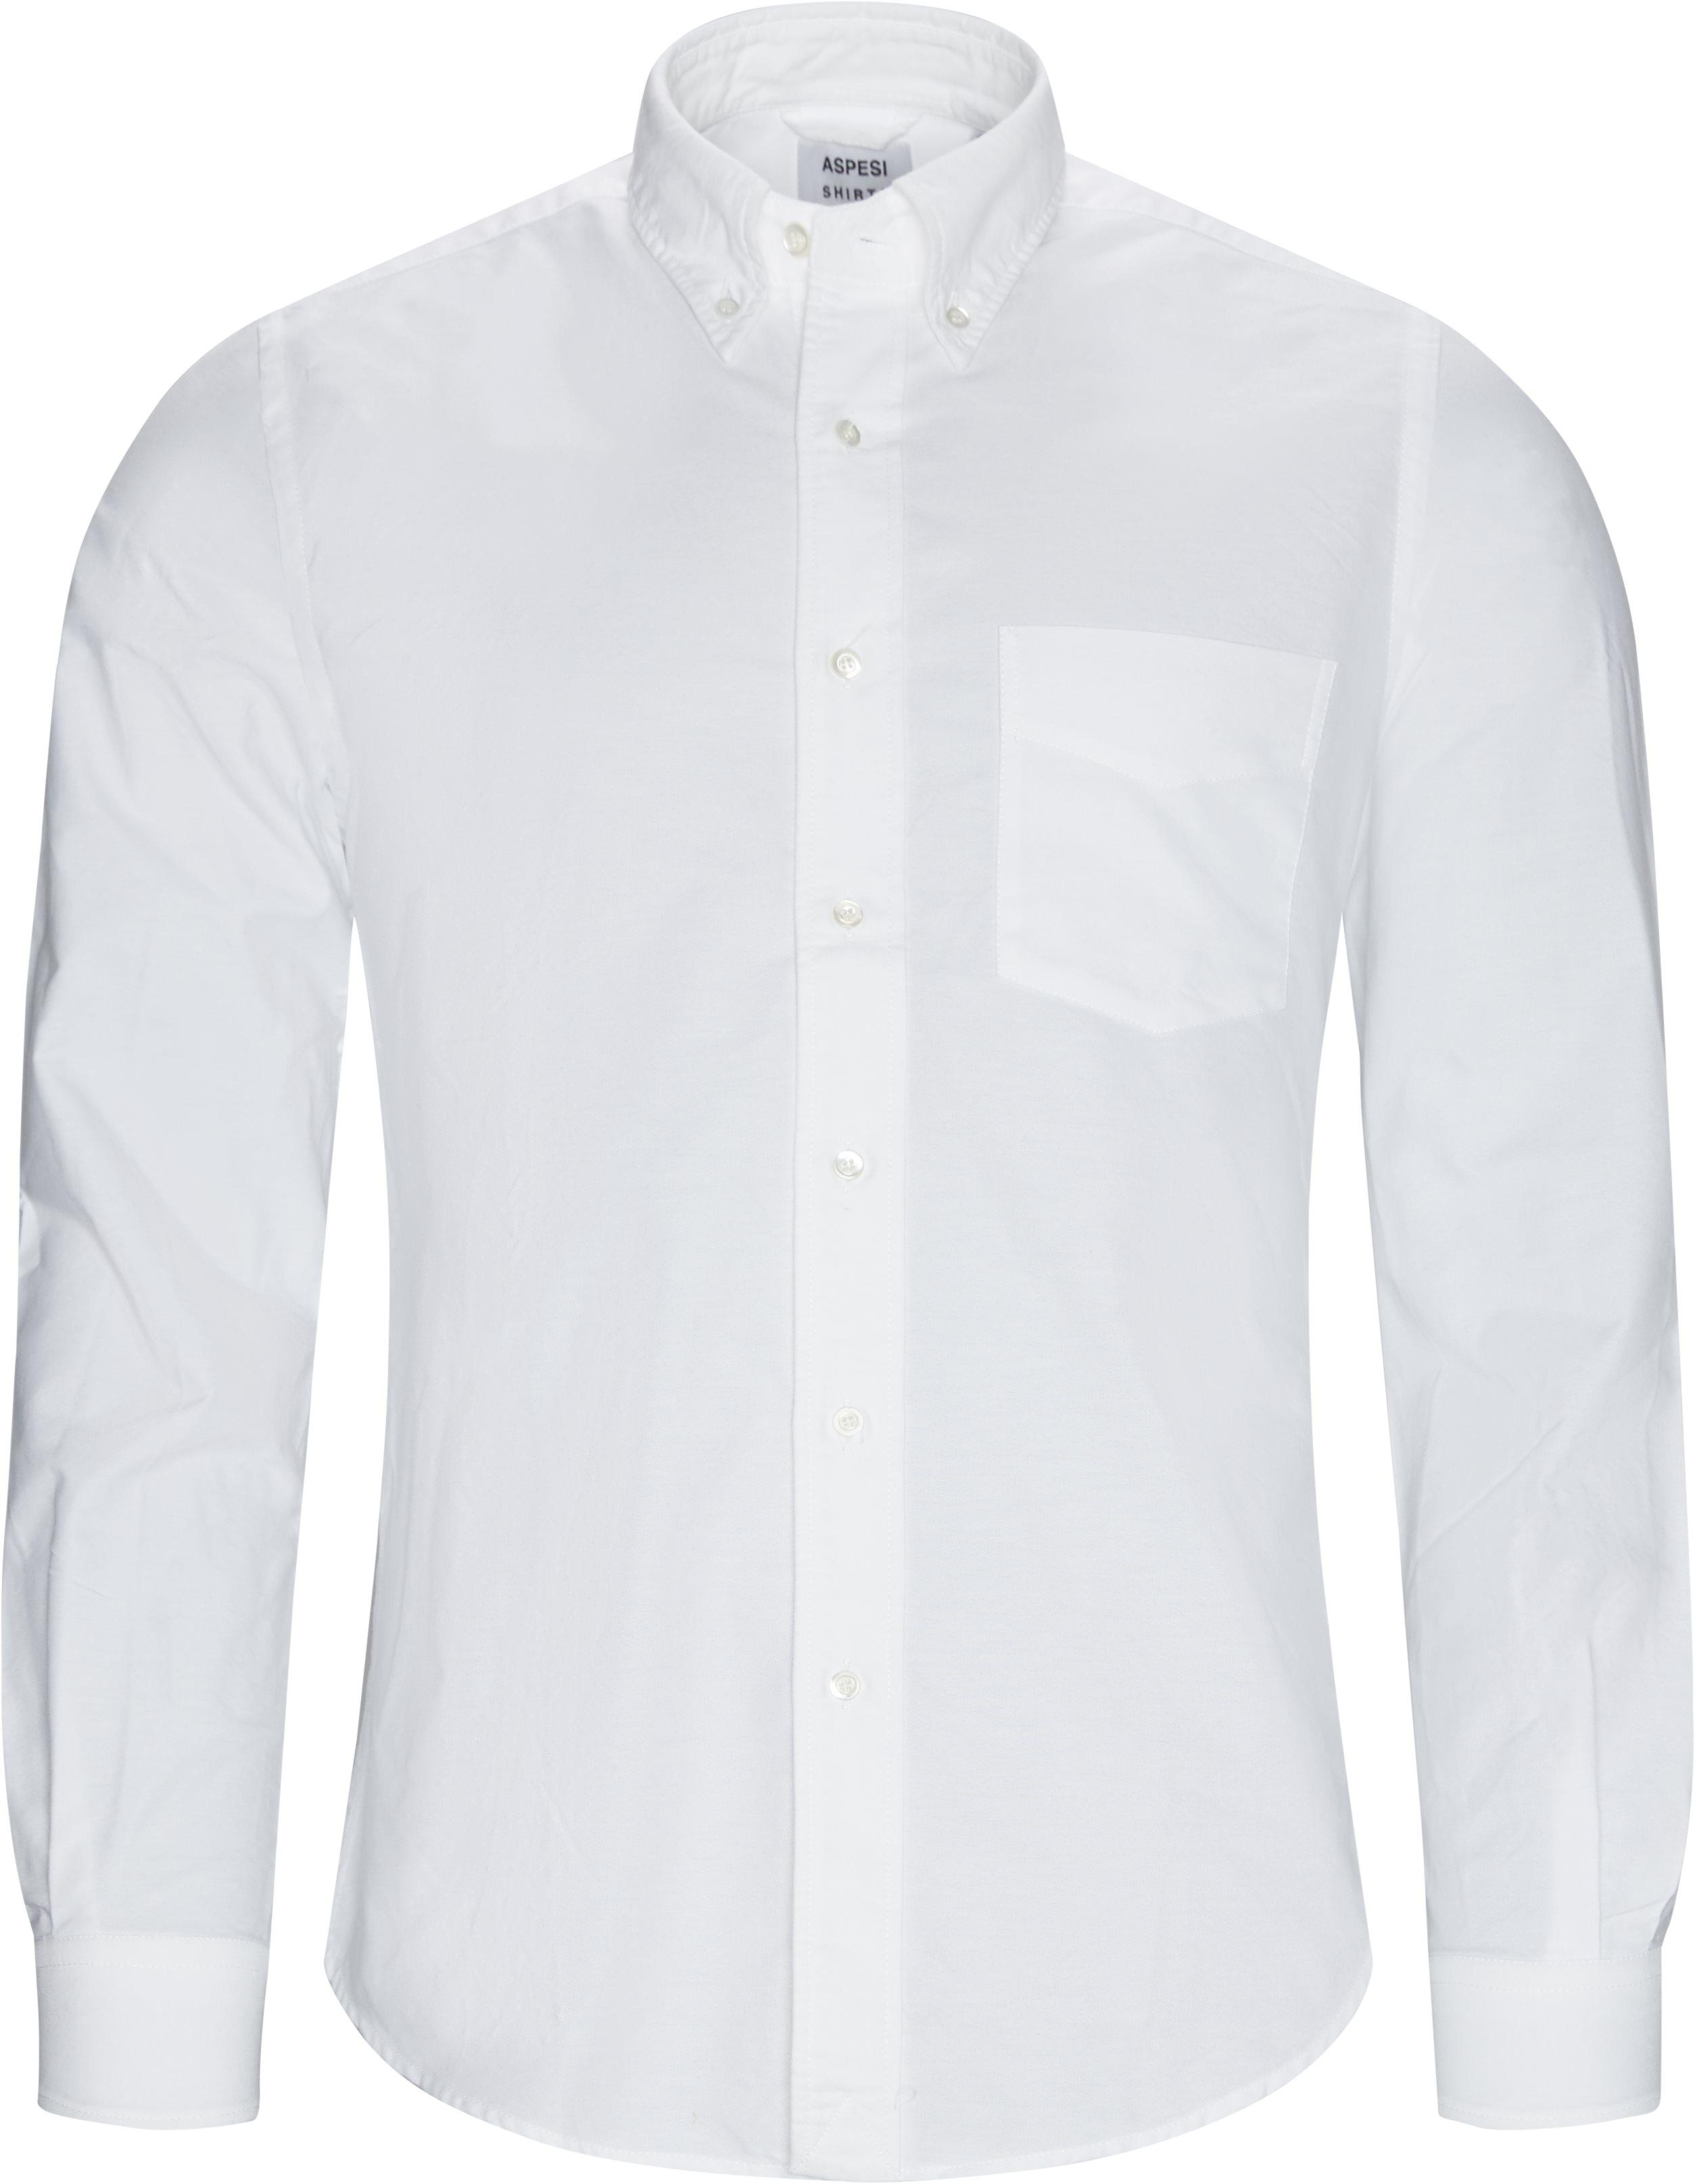 Shirts - Regular fit - White